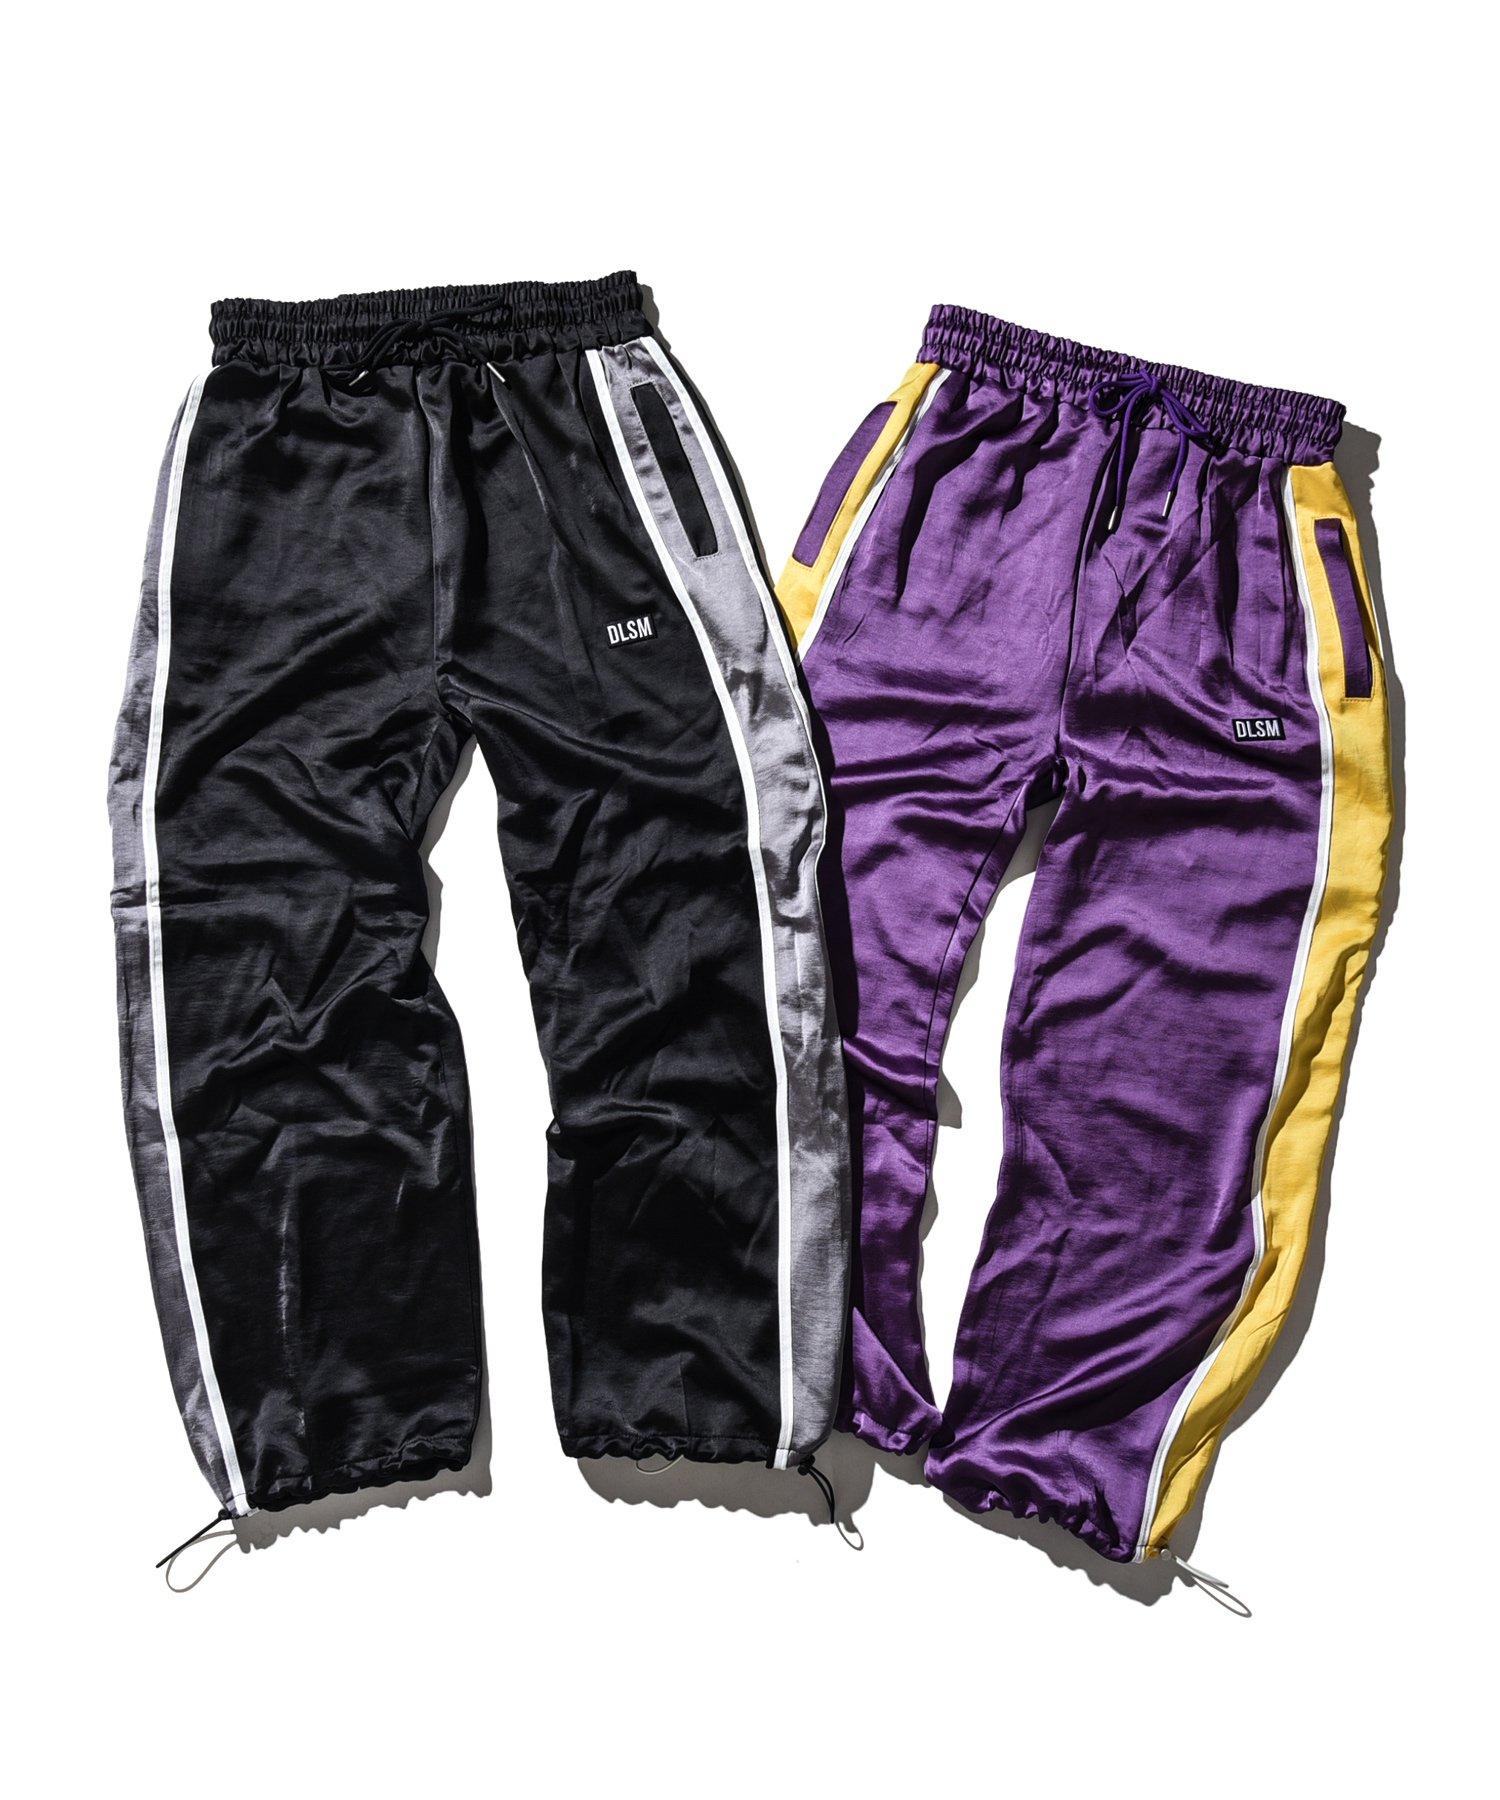 SHINY SIDE LINE PANTS